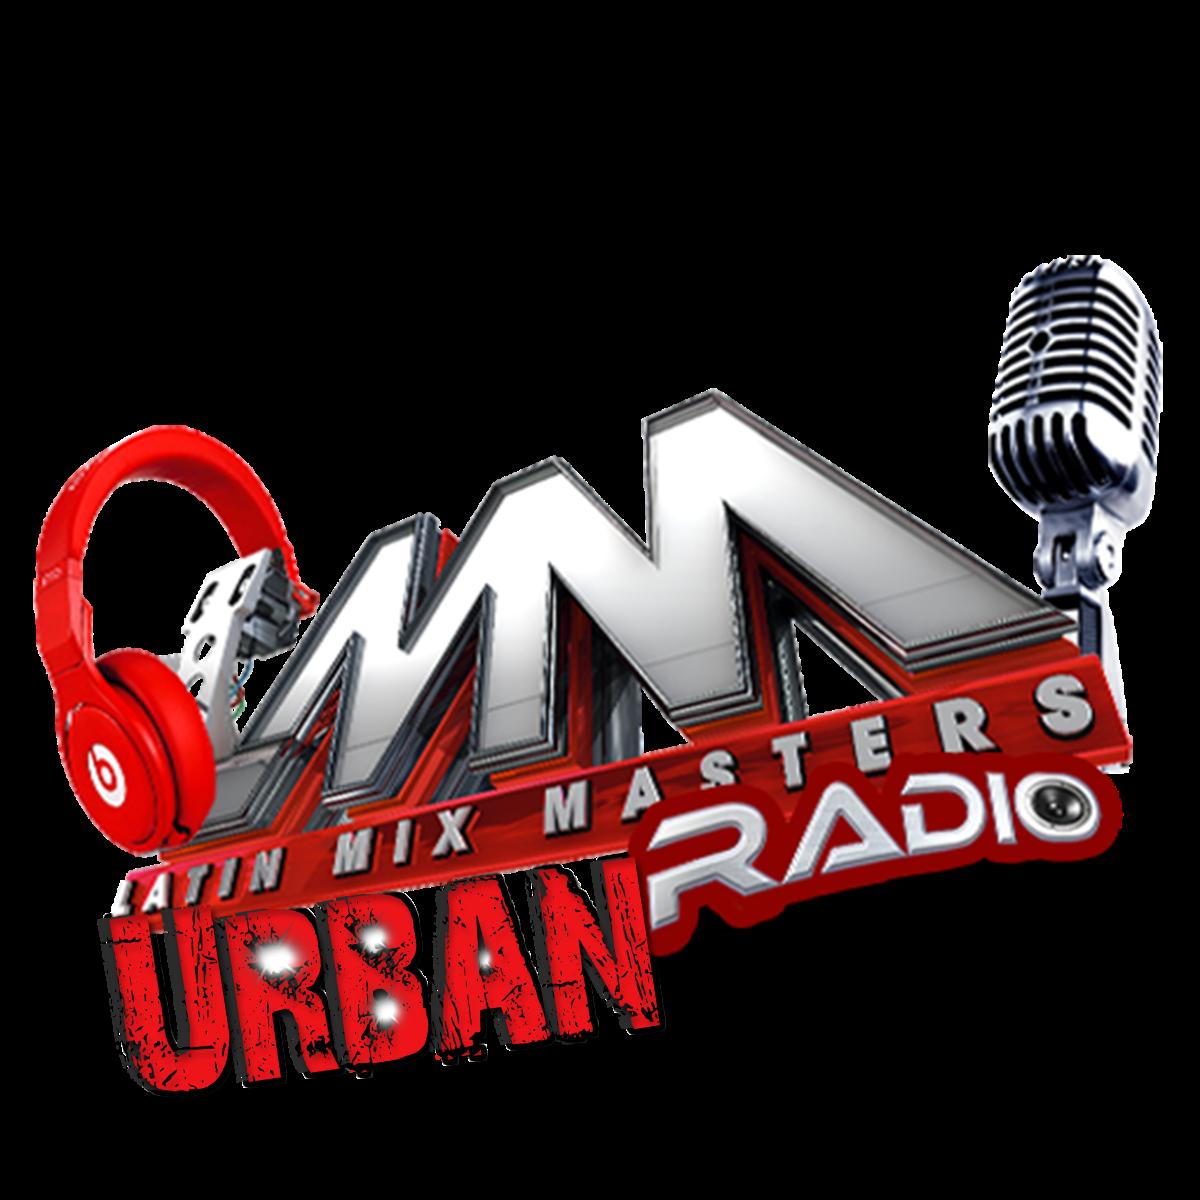 LMM Urban Radio - #1 HipHop & More - Live Djs - MixMastersDjs.com